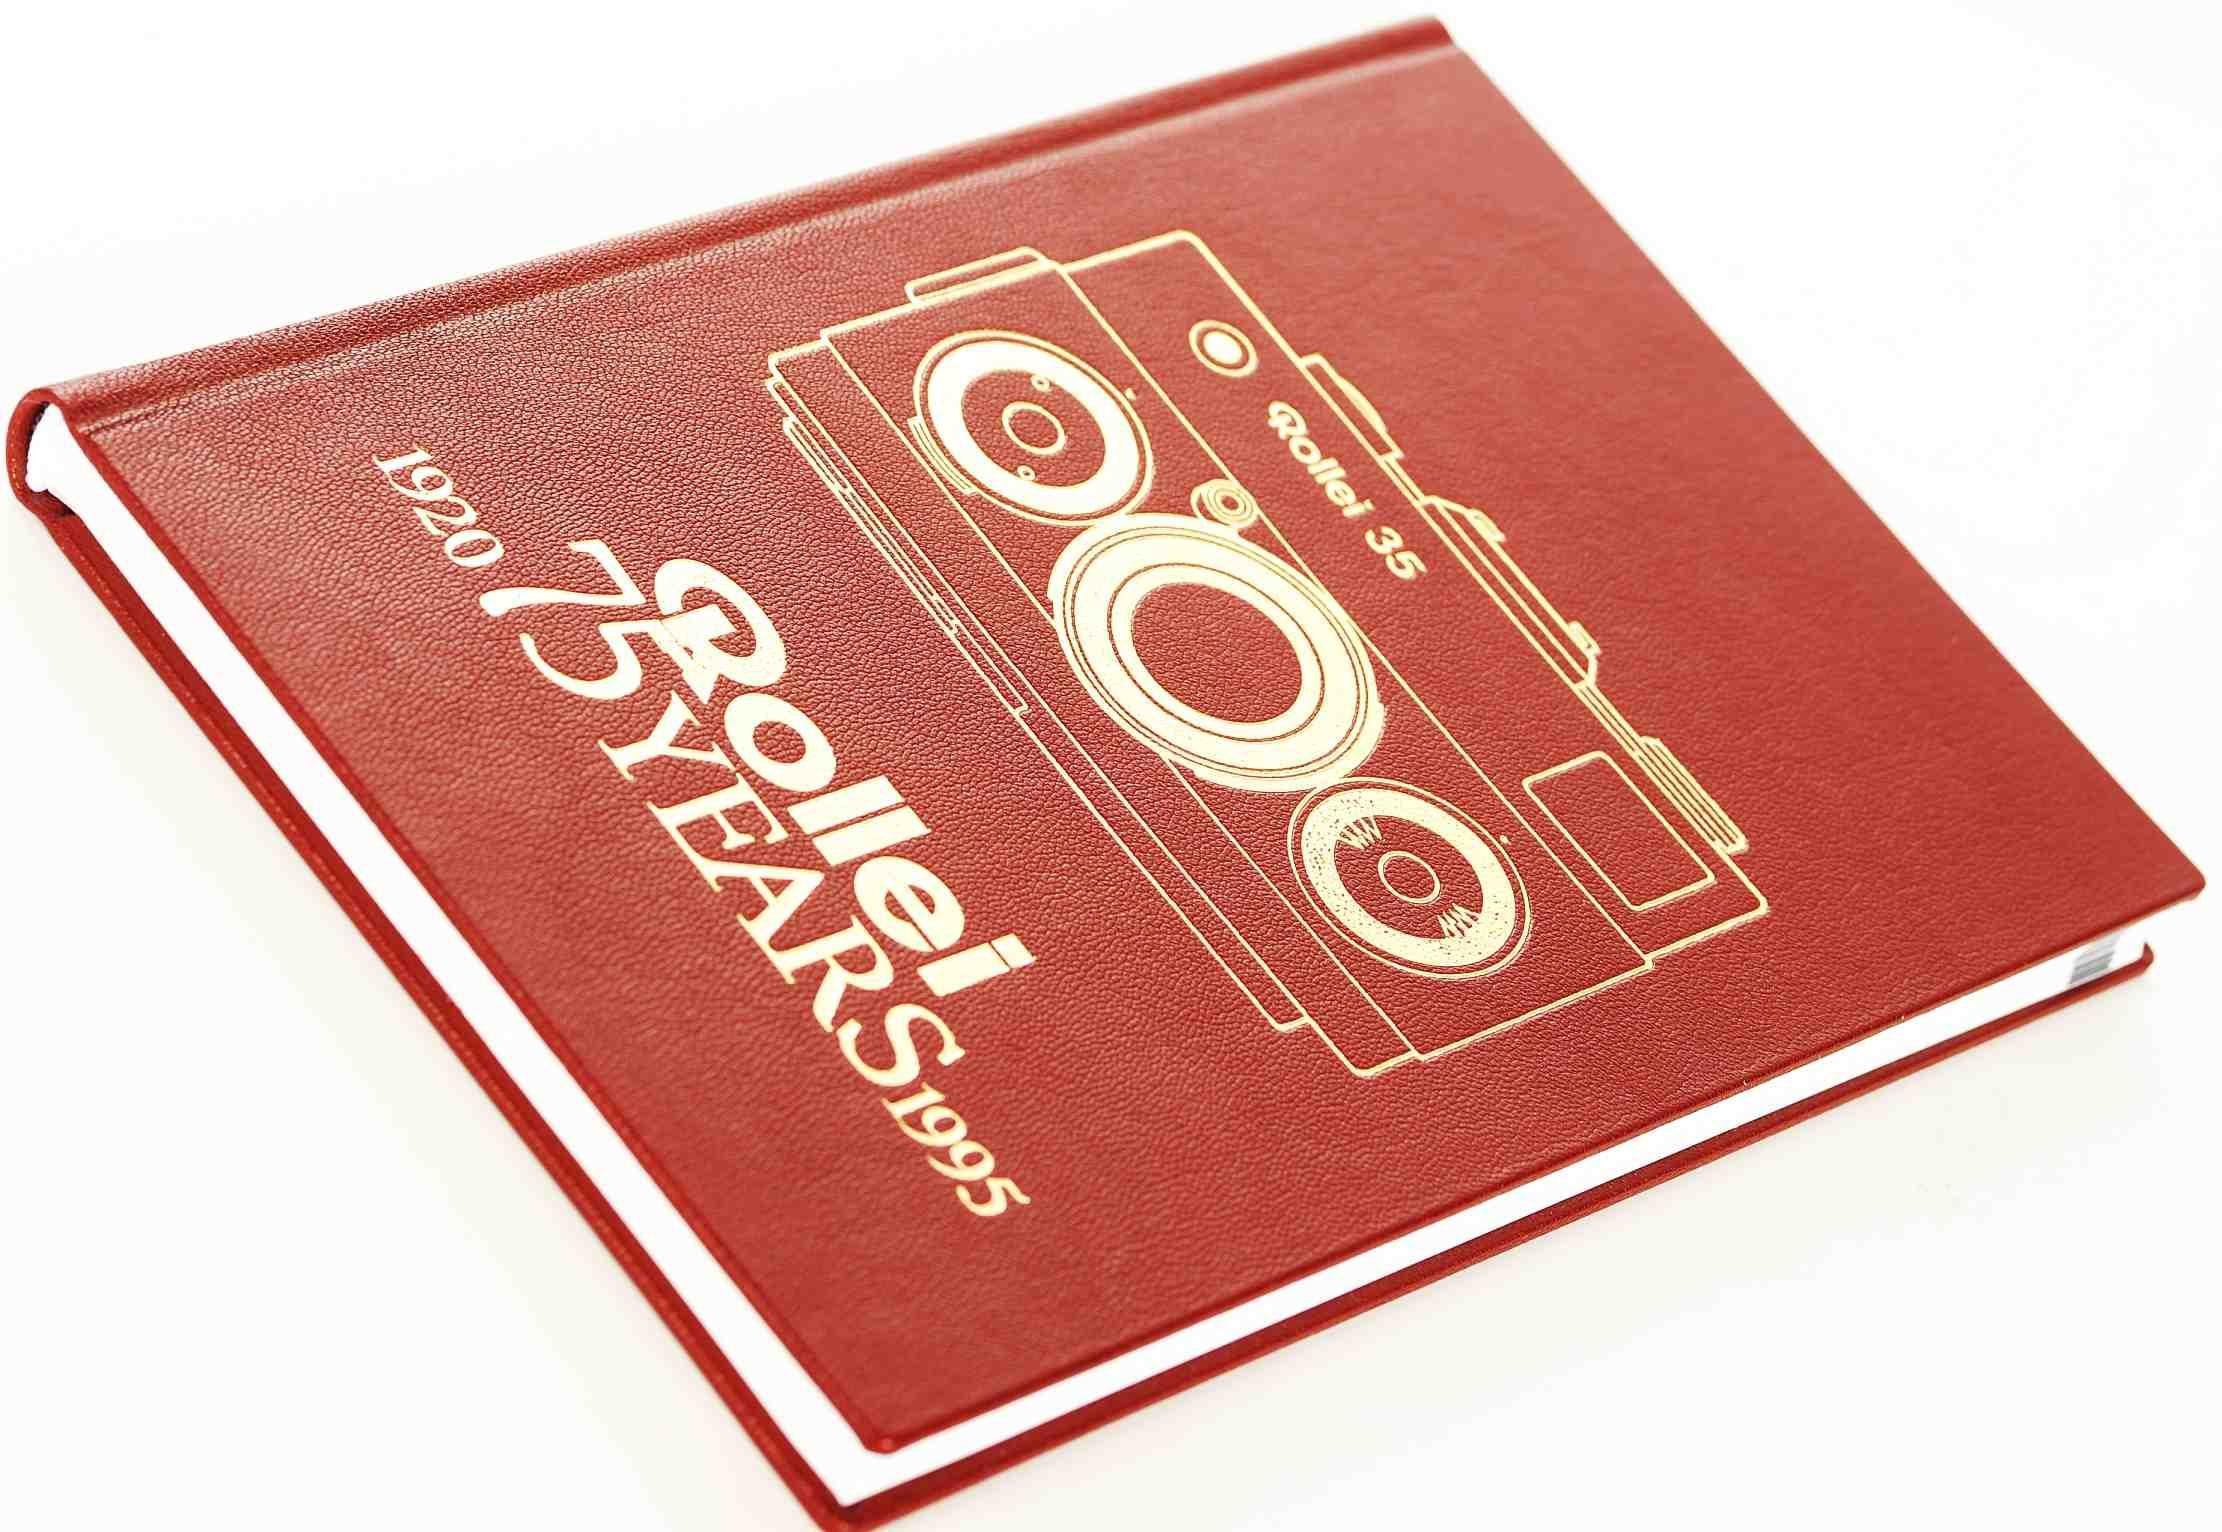 Buch Rollei 35 - 75 Jahre Years -Rolleiflex